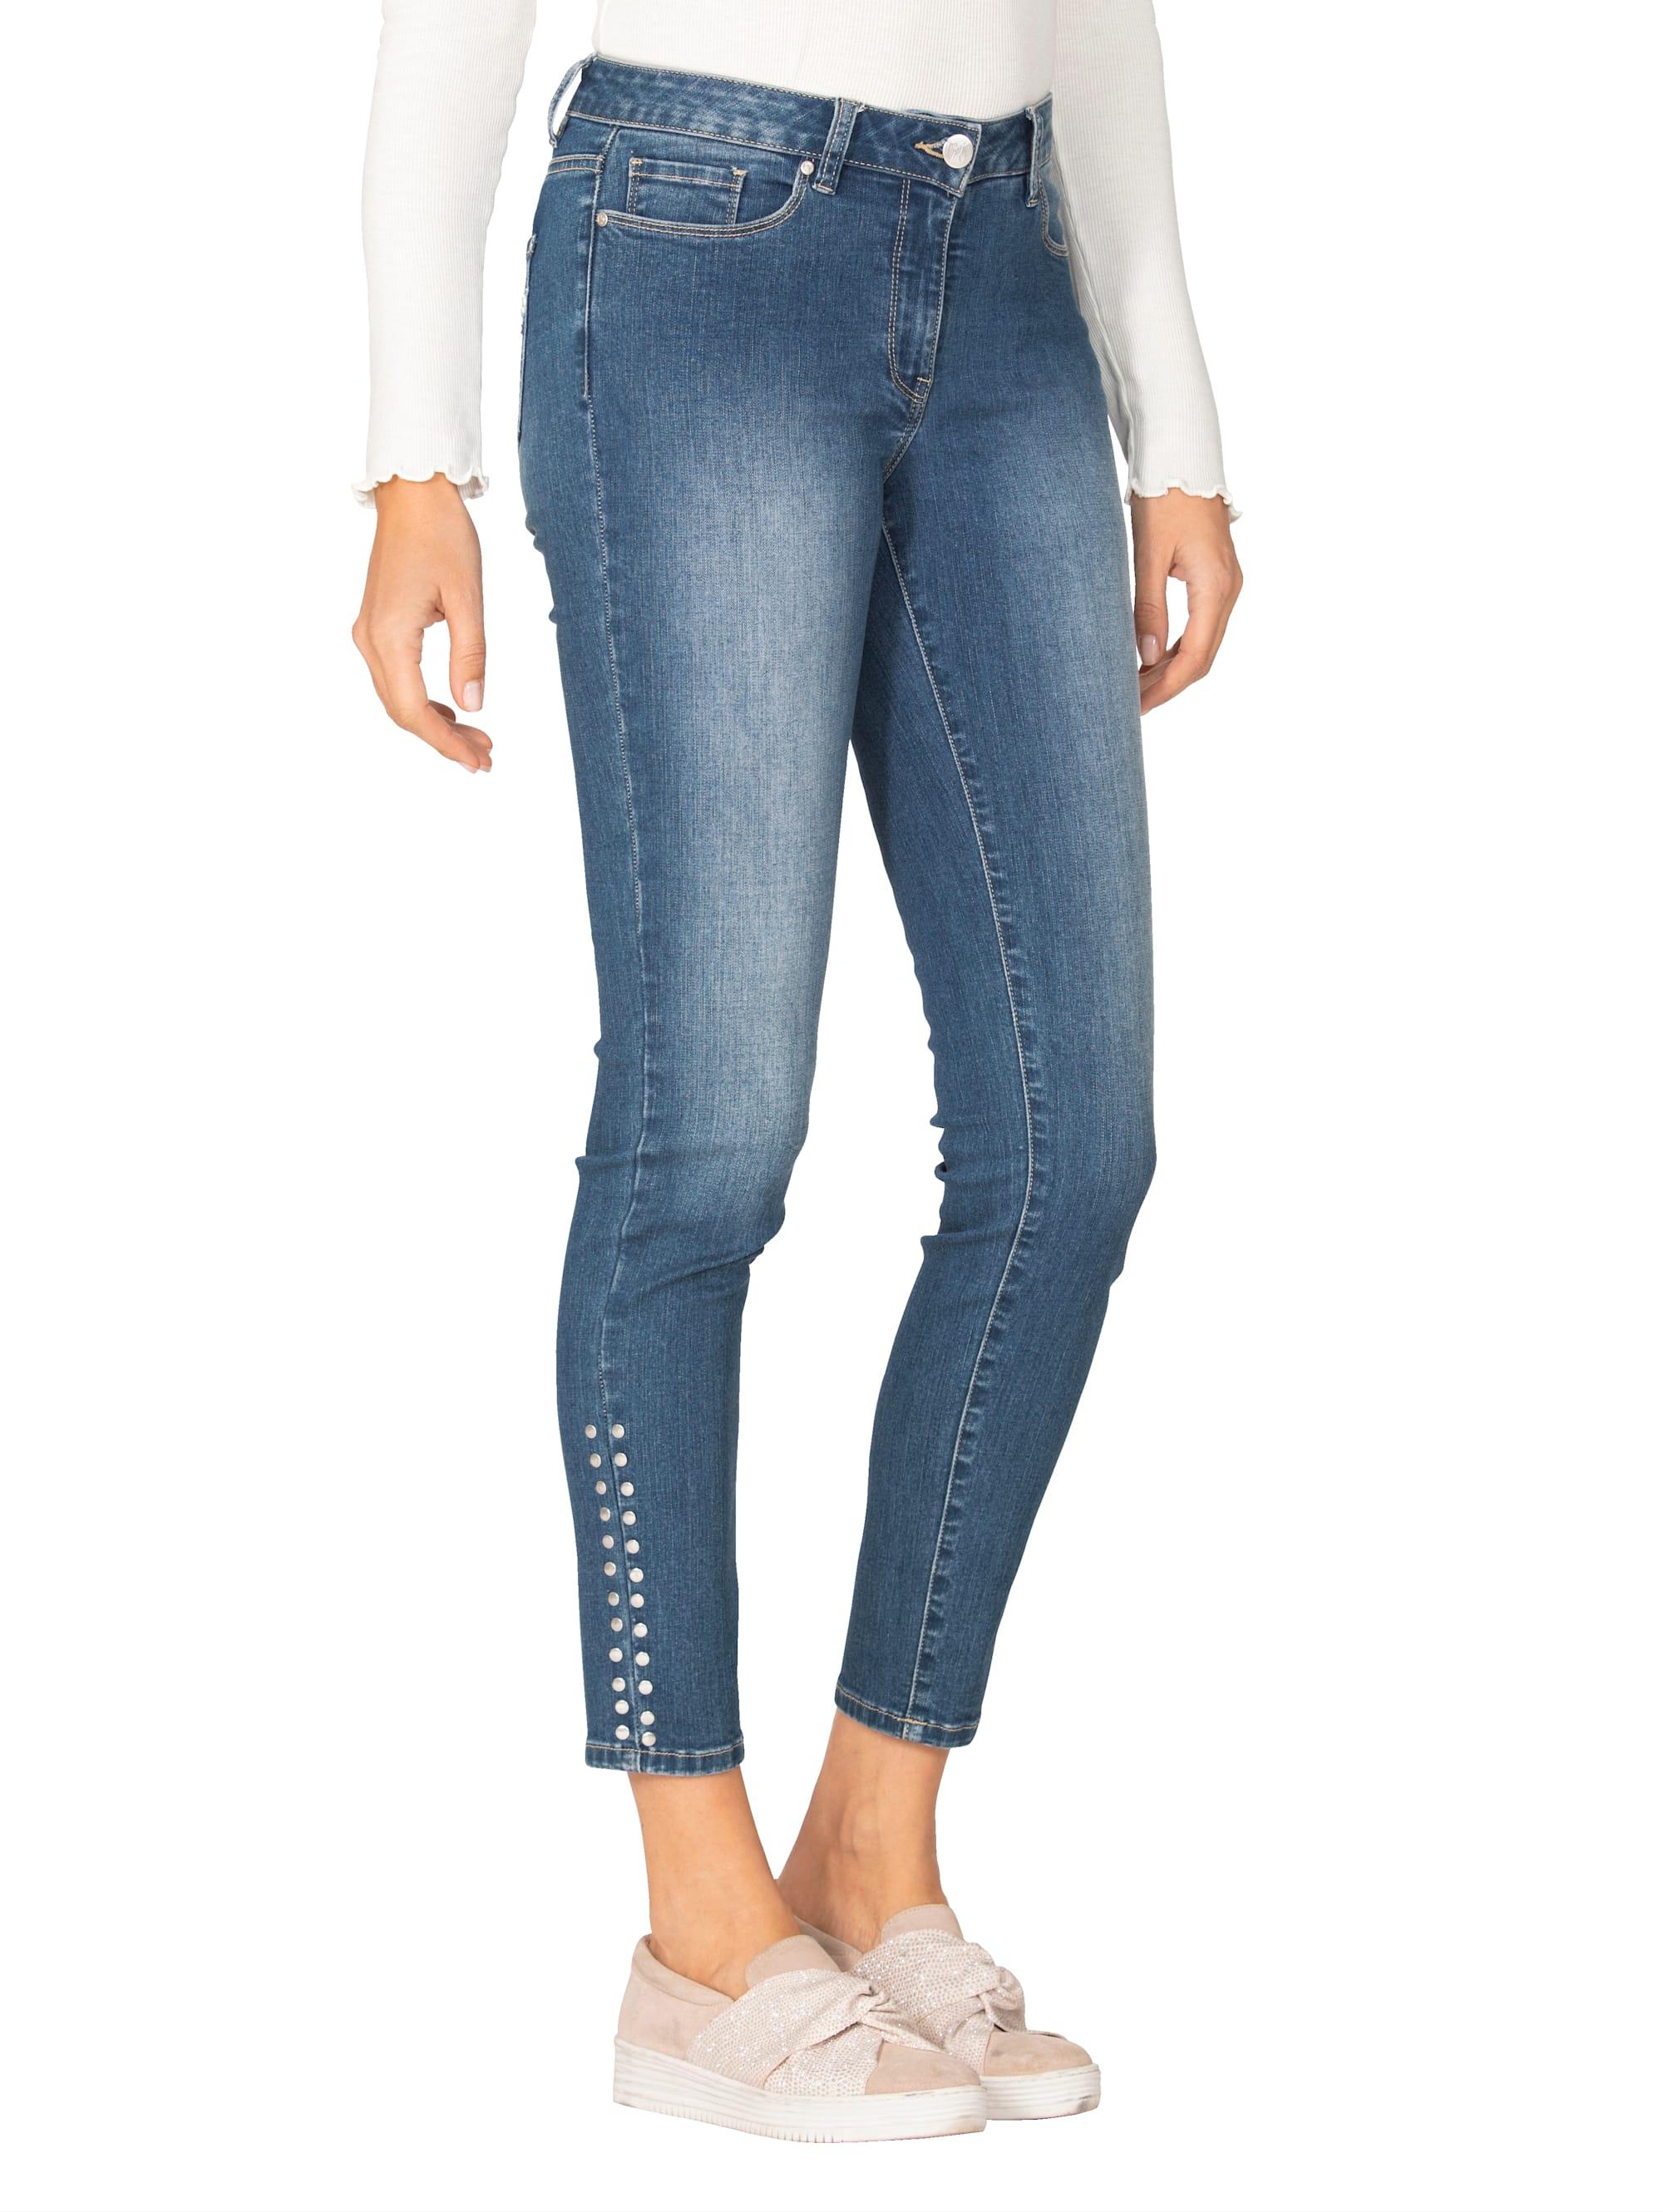 AMY VERMONT Jeans mit Nieten ACJZG 09xkC